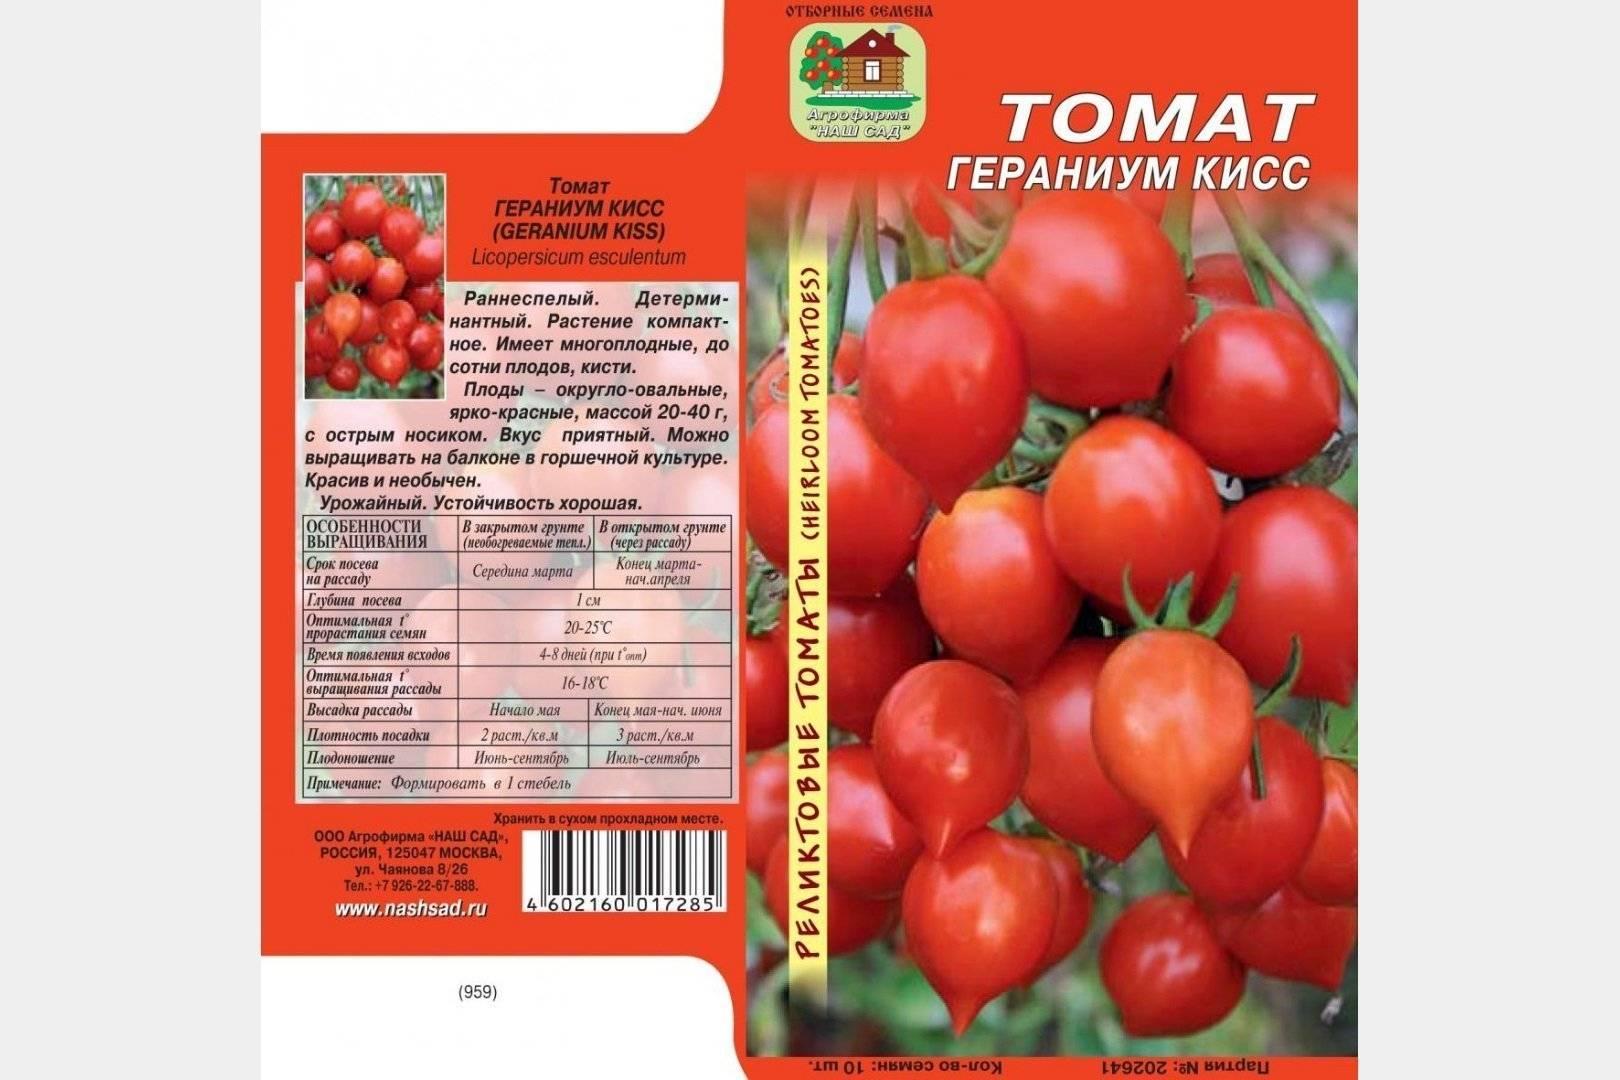 Описание и характеристики сорта томата поцелуй герани, его урожайность